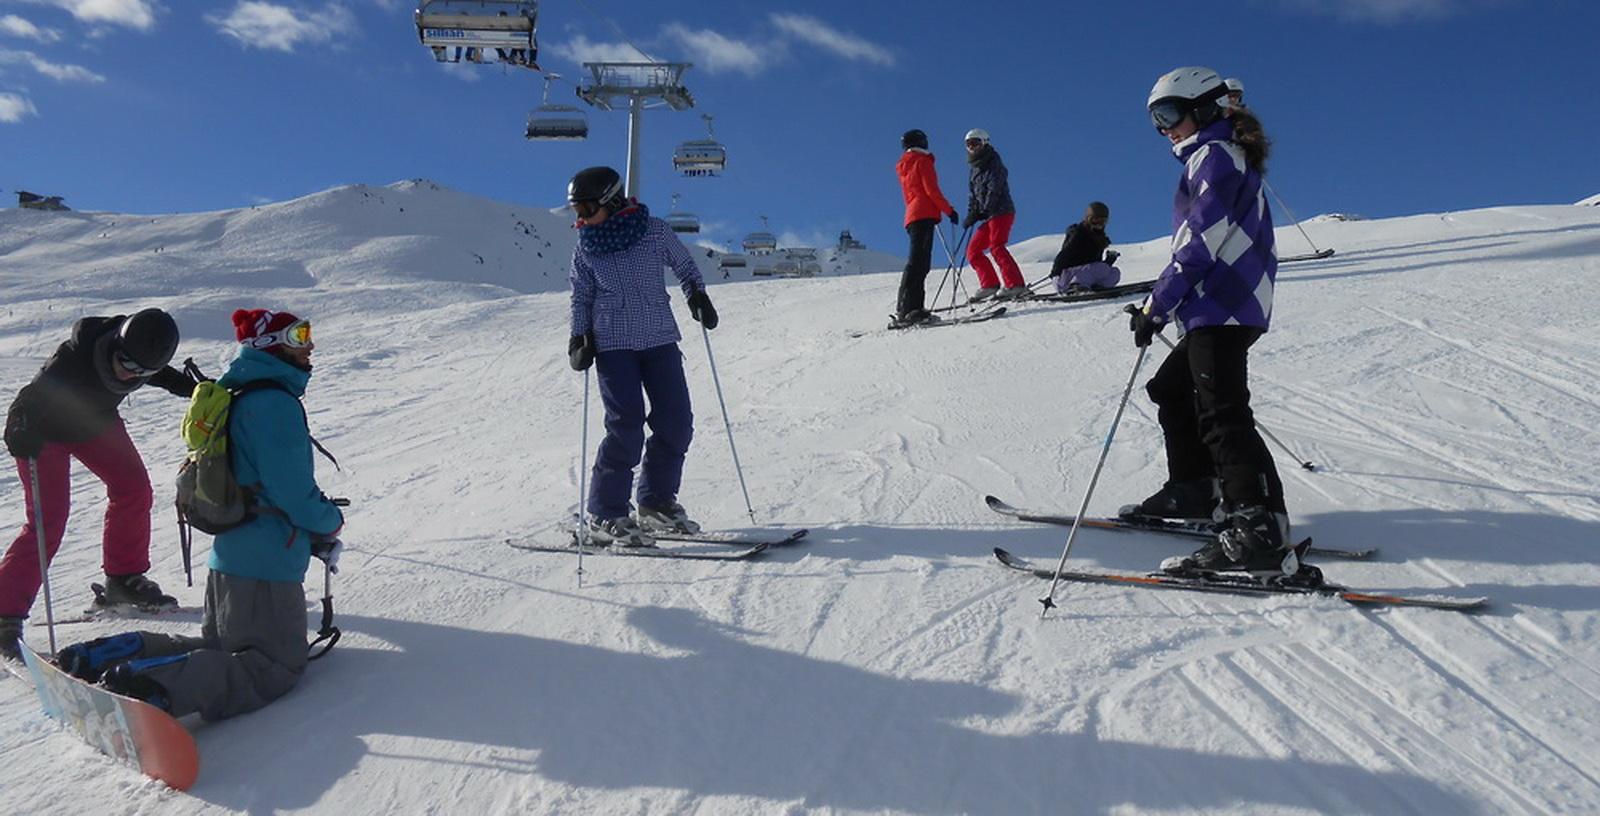 Winterfreizeit auf Ski & Snowboard